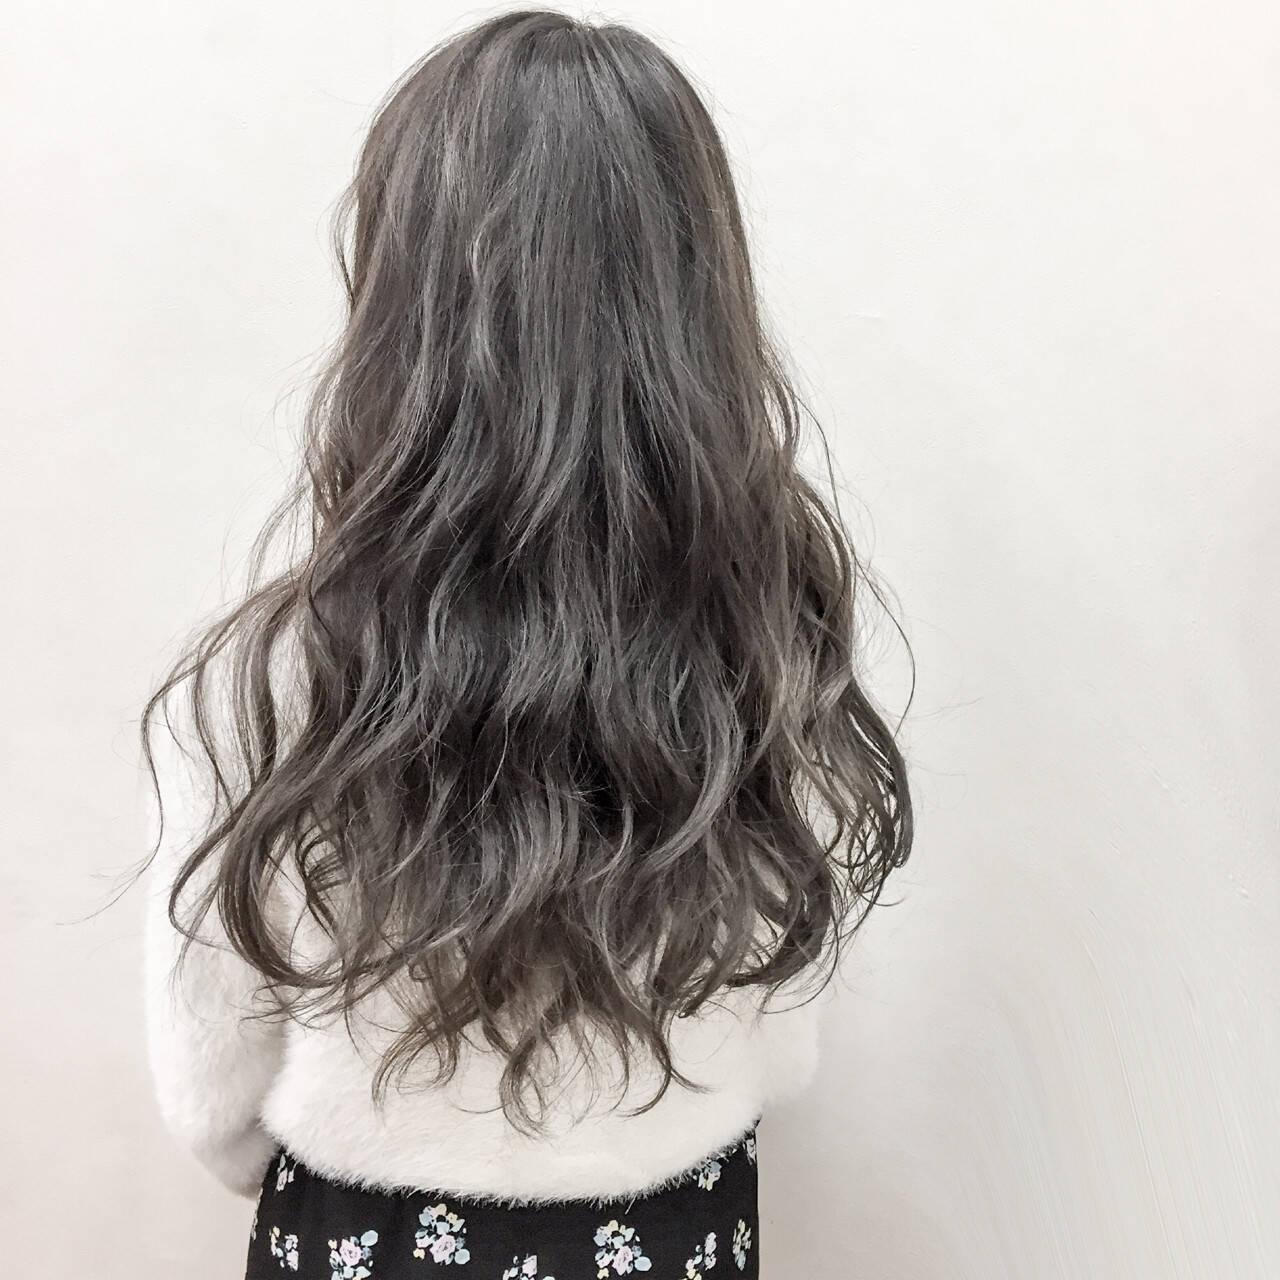 アンニュイ エレガント グレージュ 上品ヘアスタイルや髪型の写真・画像